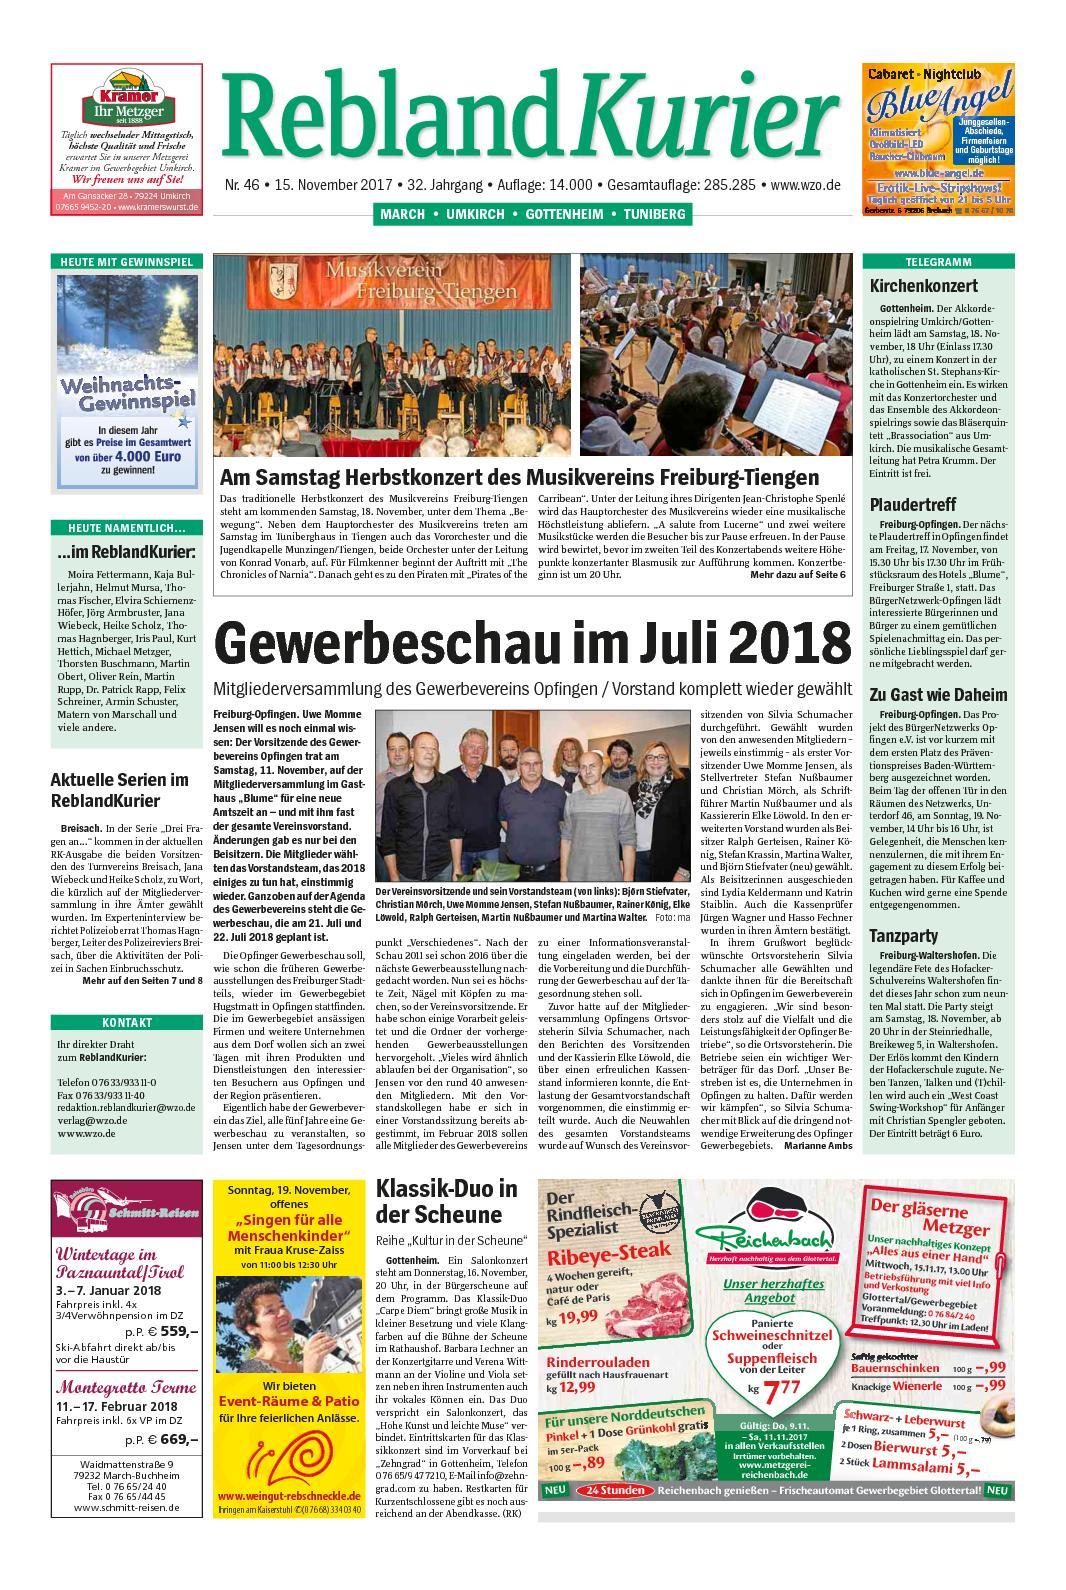 Willkommen In Remys Welt Auf Dem Internationalen Markt Hohes Ansehen GenießEn Ratatouille Belletristik